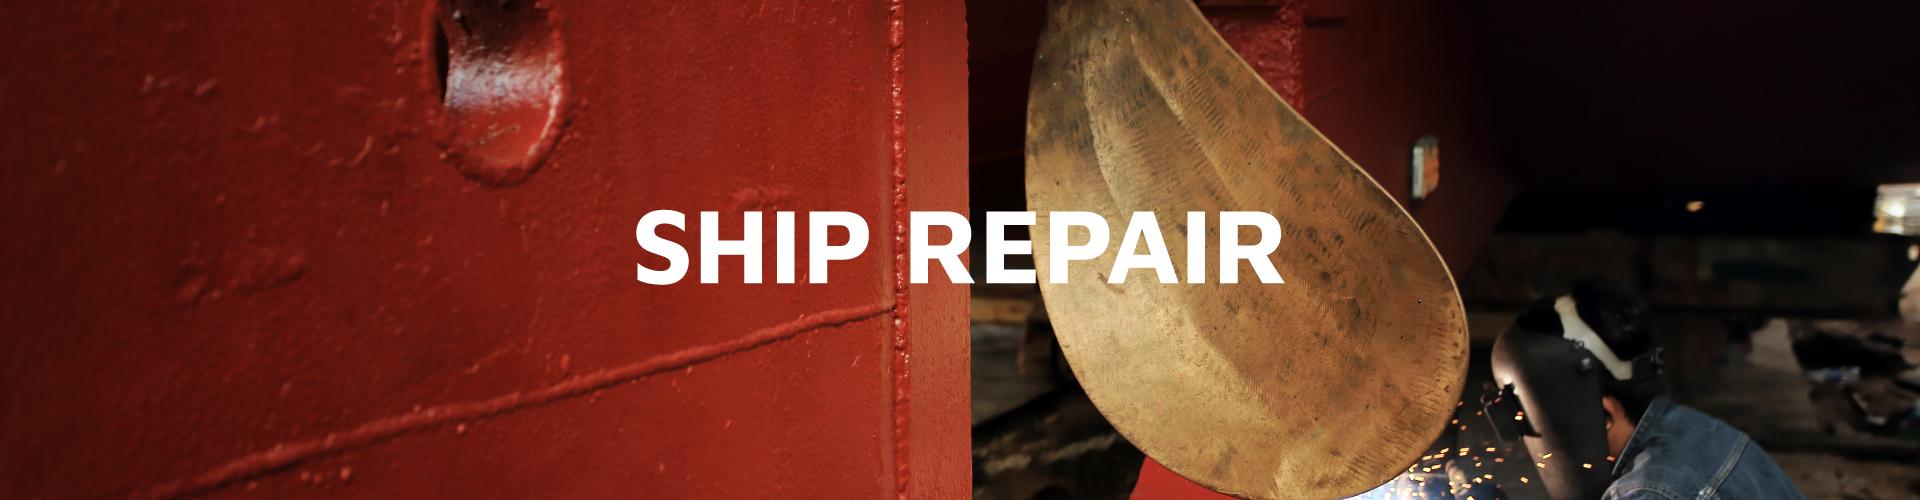 AMMSCO-Webgfx-repairs-2